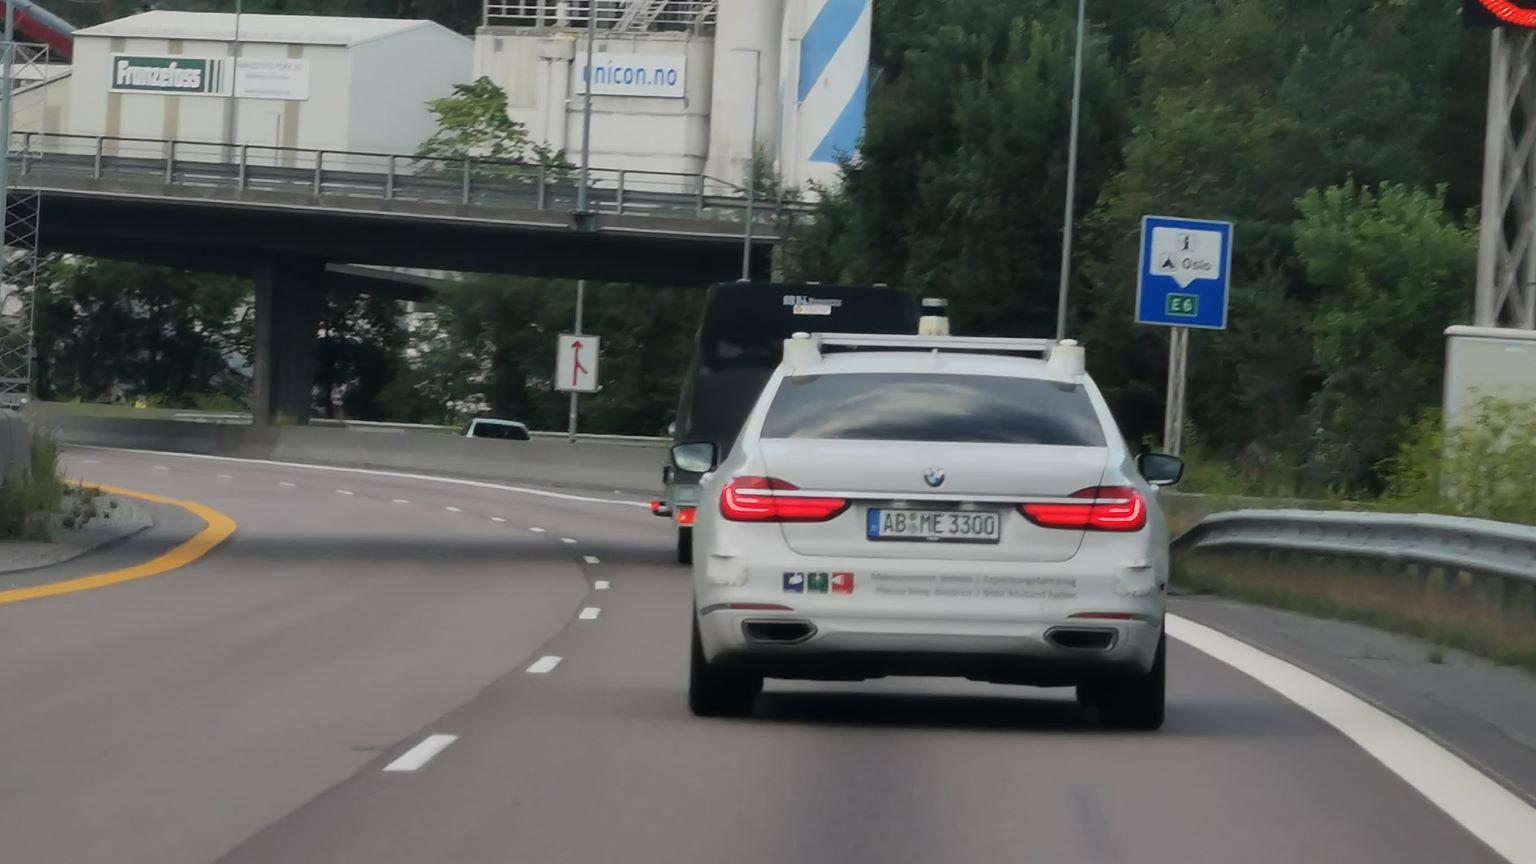 Mystisk BMW har blitt sett verden over, nå er det avslørt hva den gjør